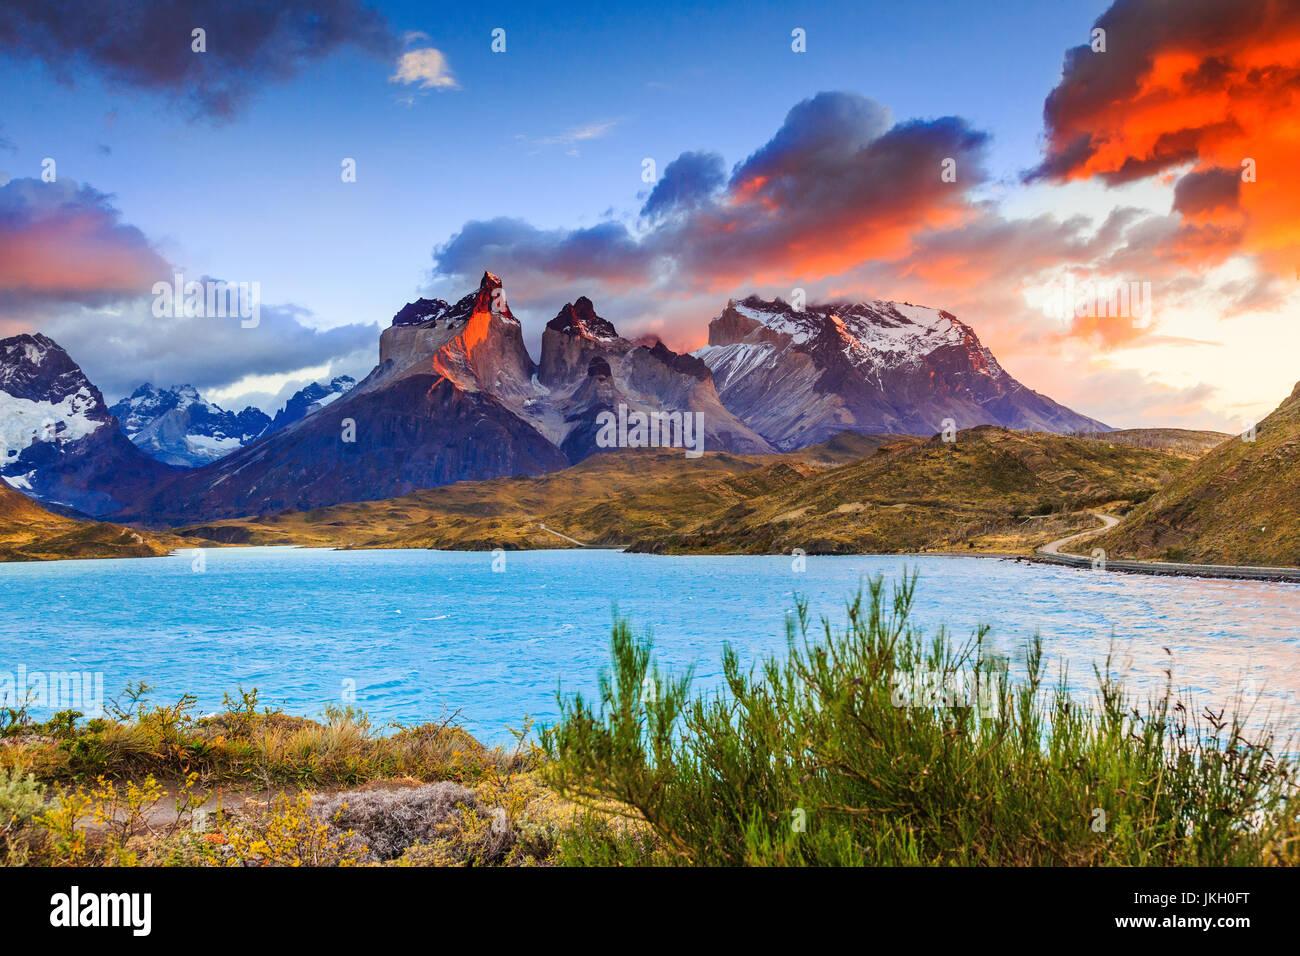 Parque Nacional Torres del Paine, Chile. El Lago Pehoé al amanecer. Imagen De Stock